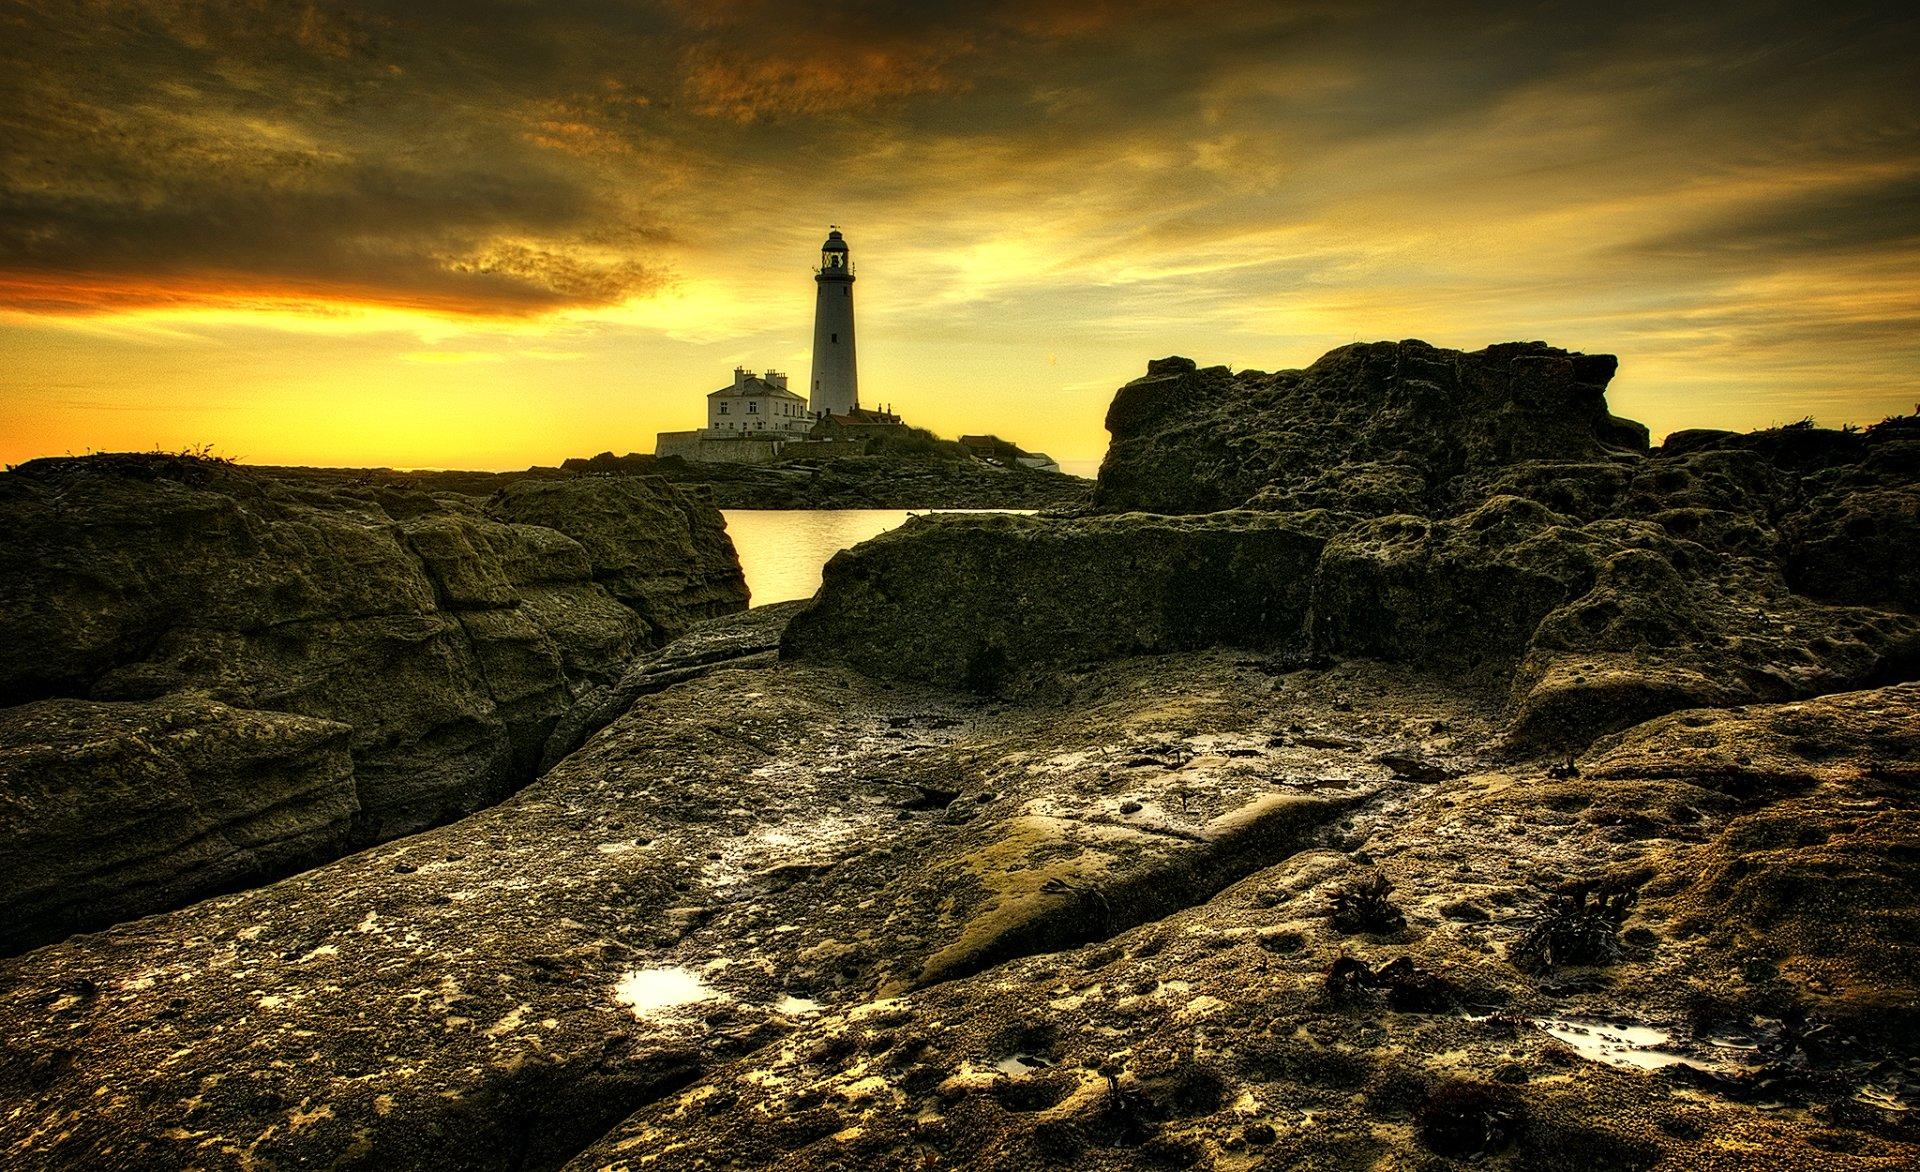 Man Made - Lighthouse  England Ocean Rock Wallpaper